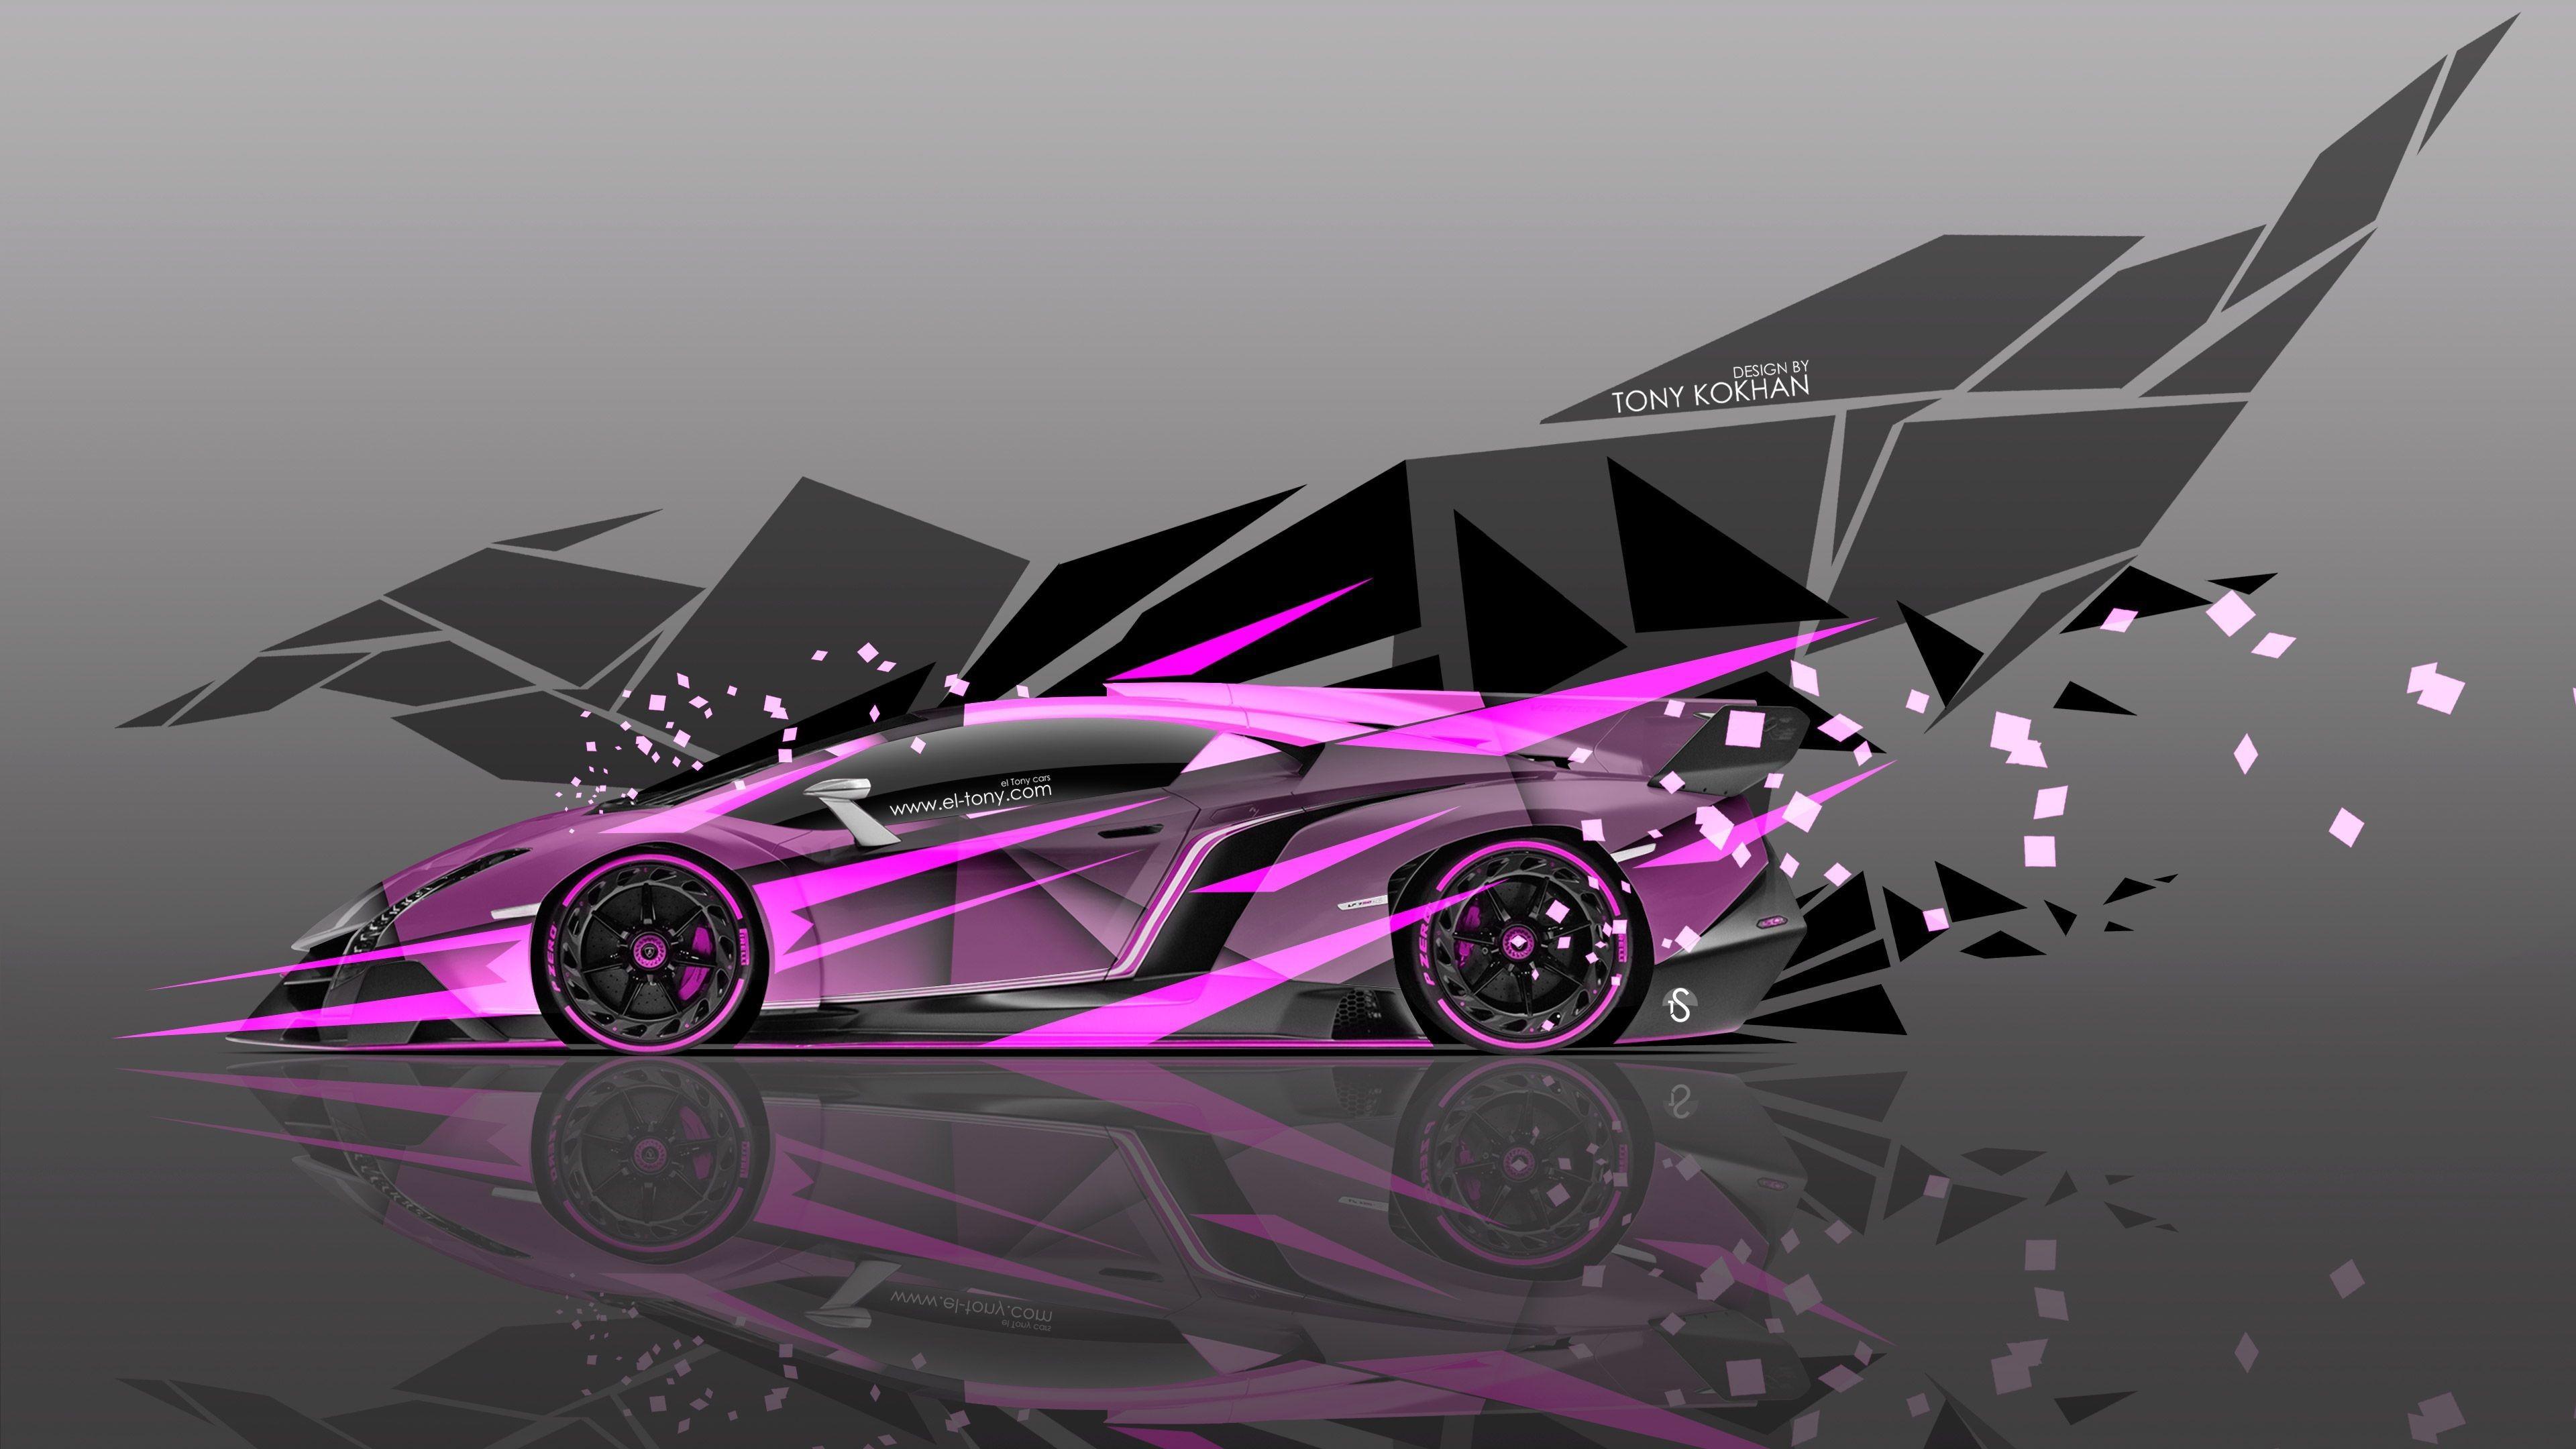 4K Lamborghini Veneno Side Super Abstract Car 2015 Â« el Tony